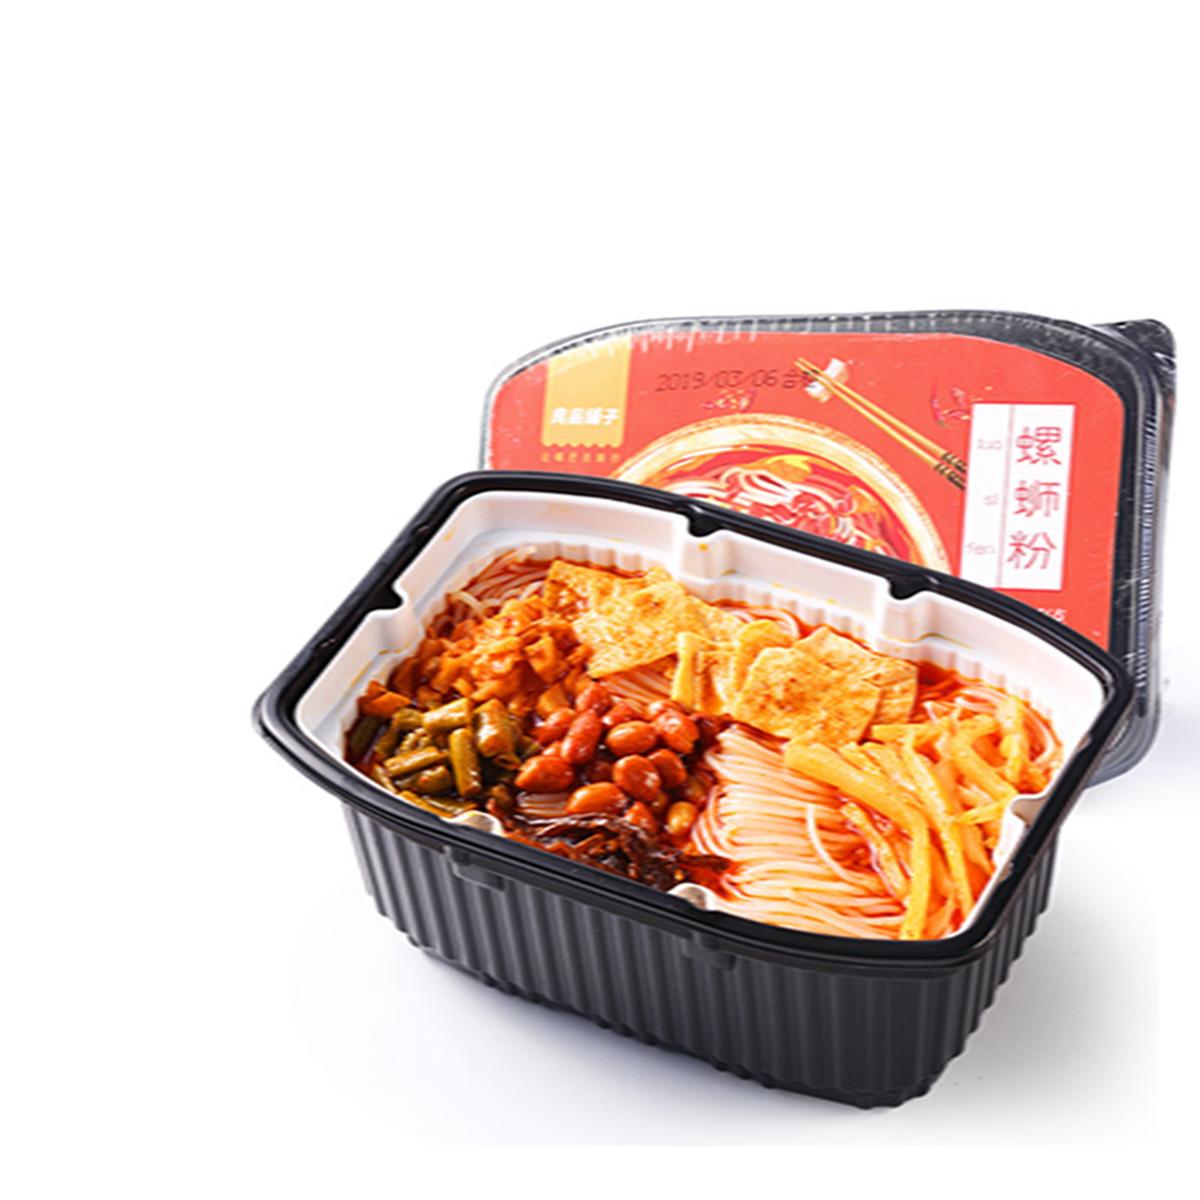 良品铺子自热螺蛳粉256g/盒即食火锅酸辣正宗柳州味COLOR自热螺蛳粉